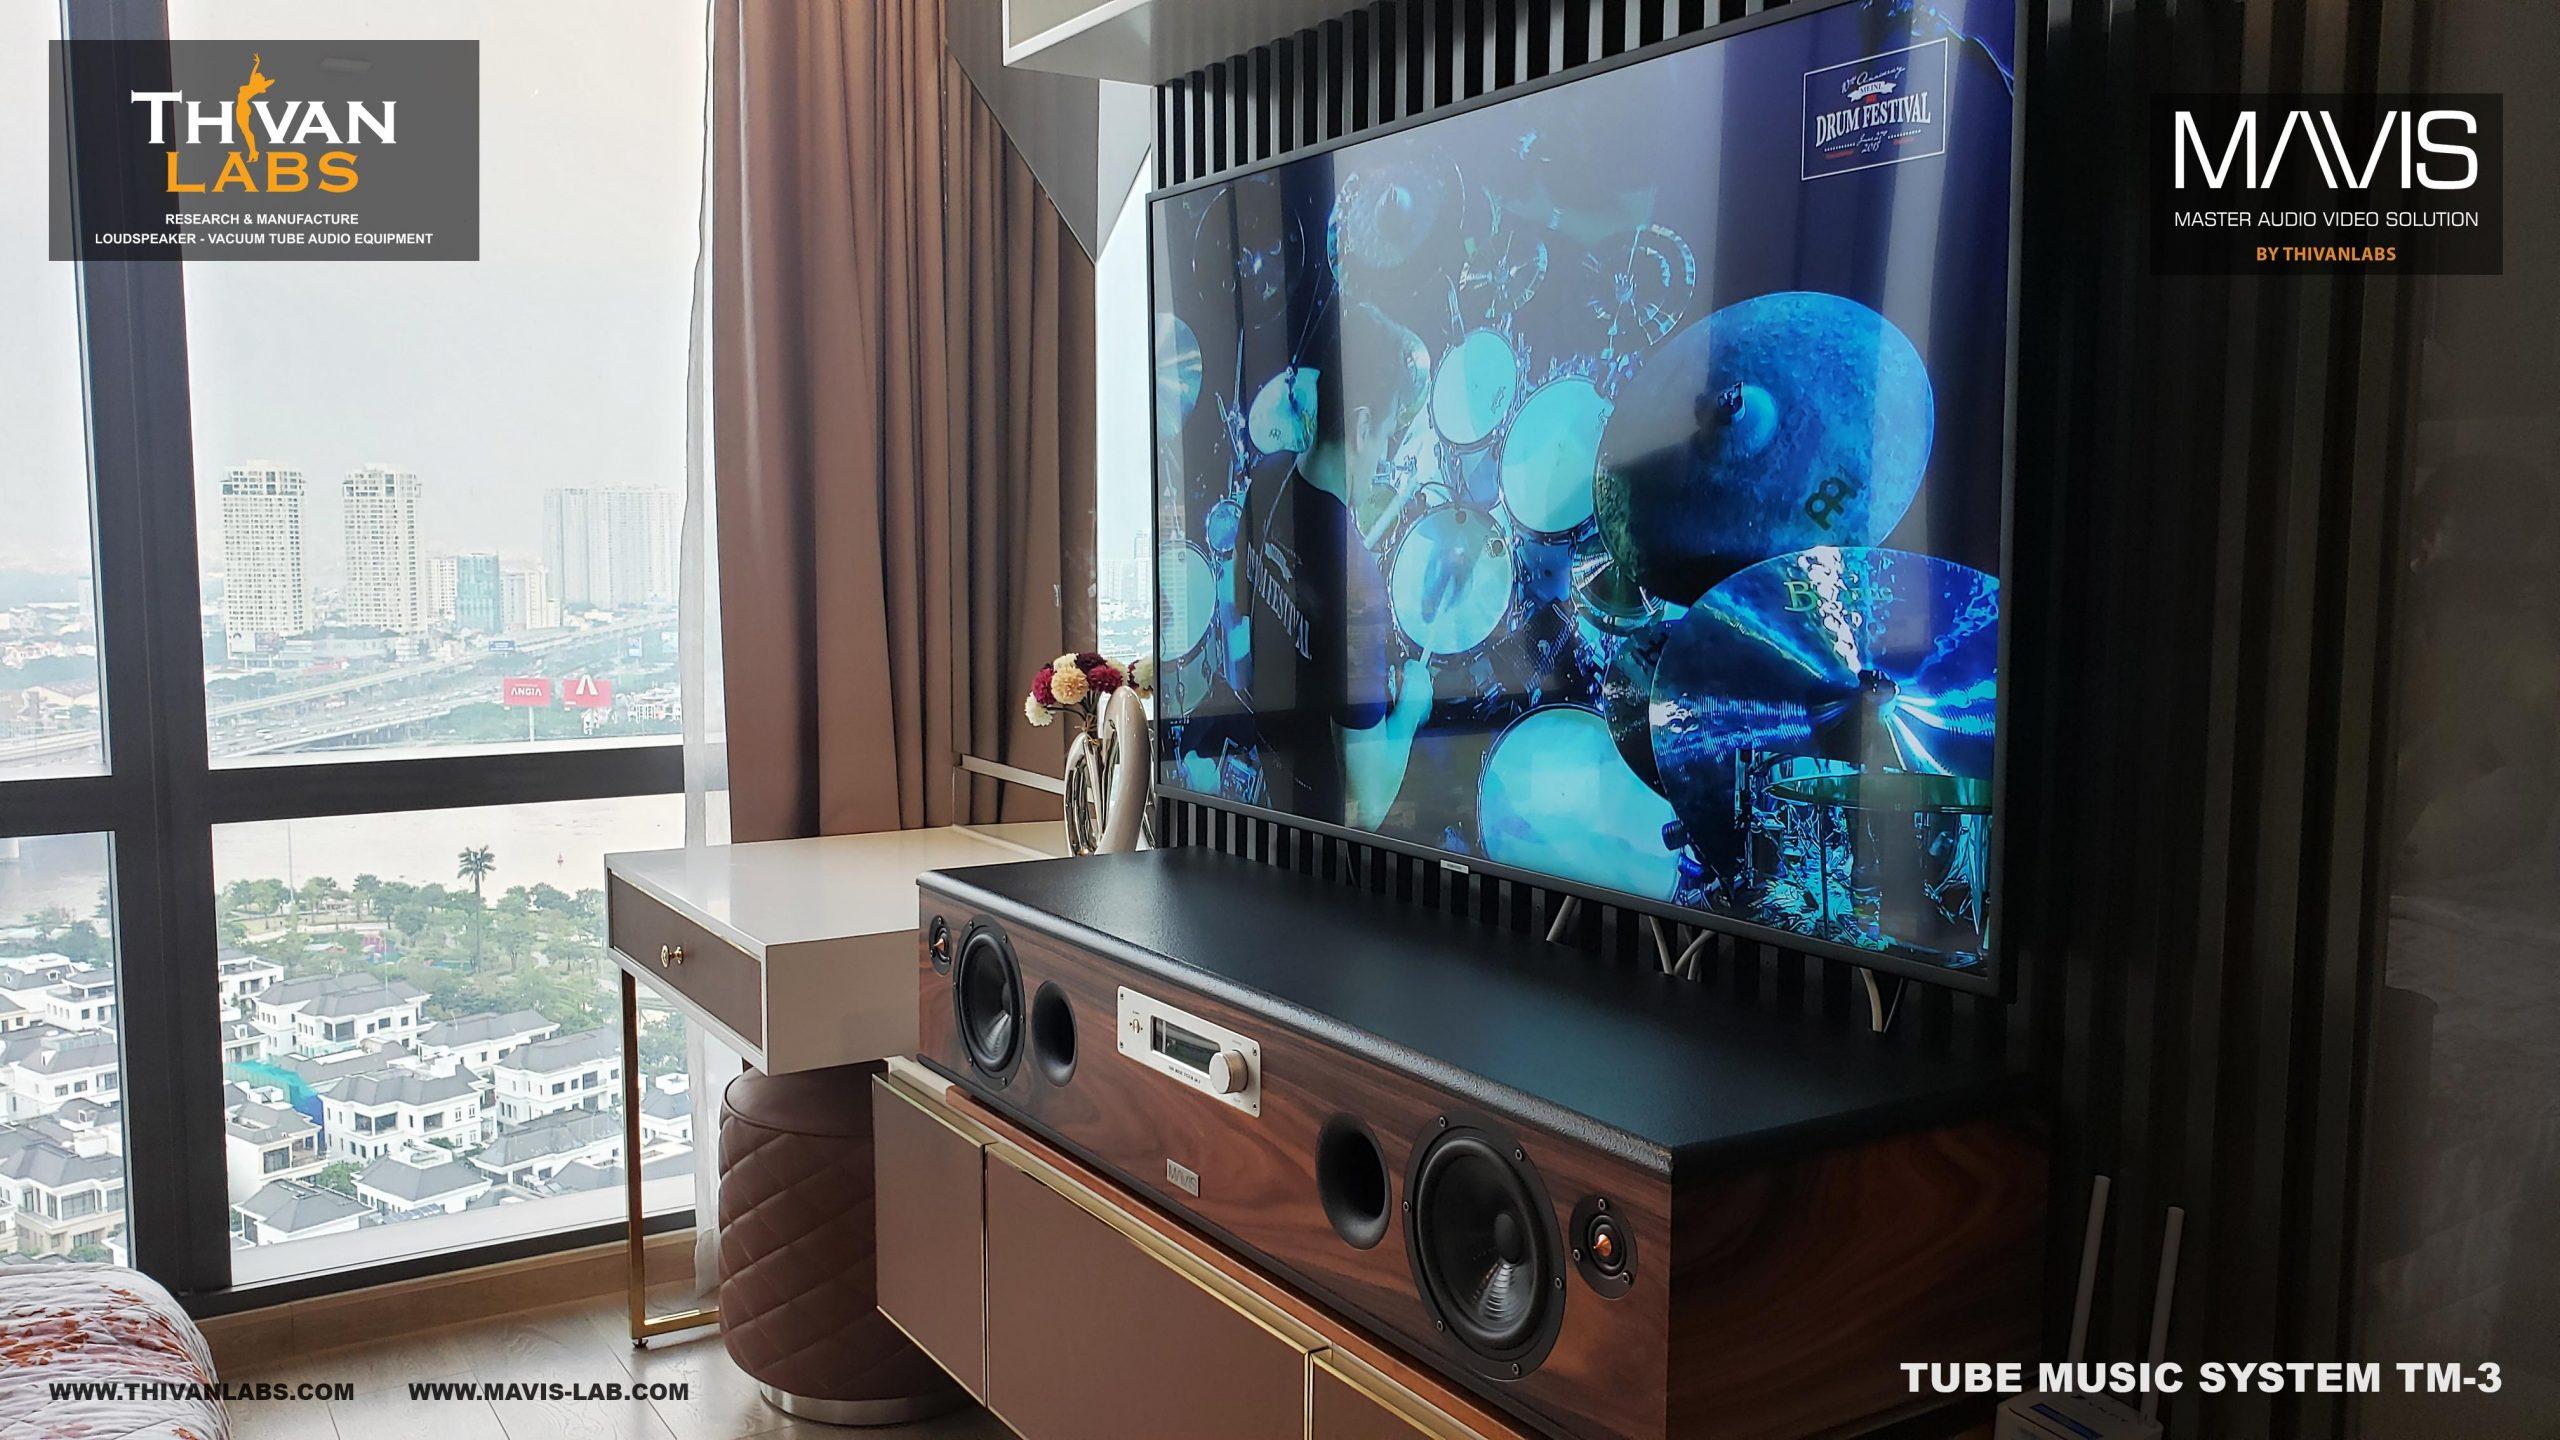 tube-music-system-tm-3-6